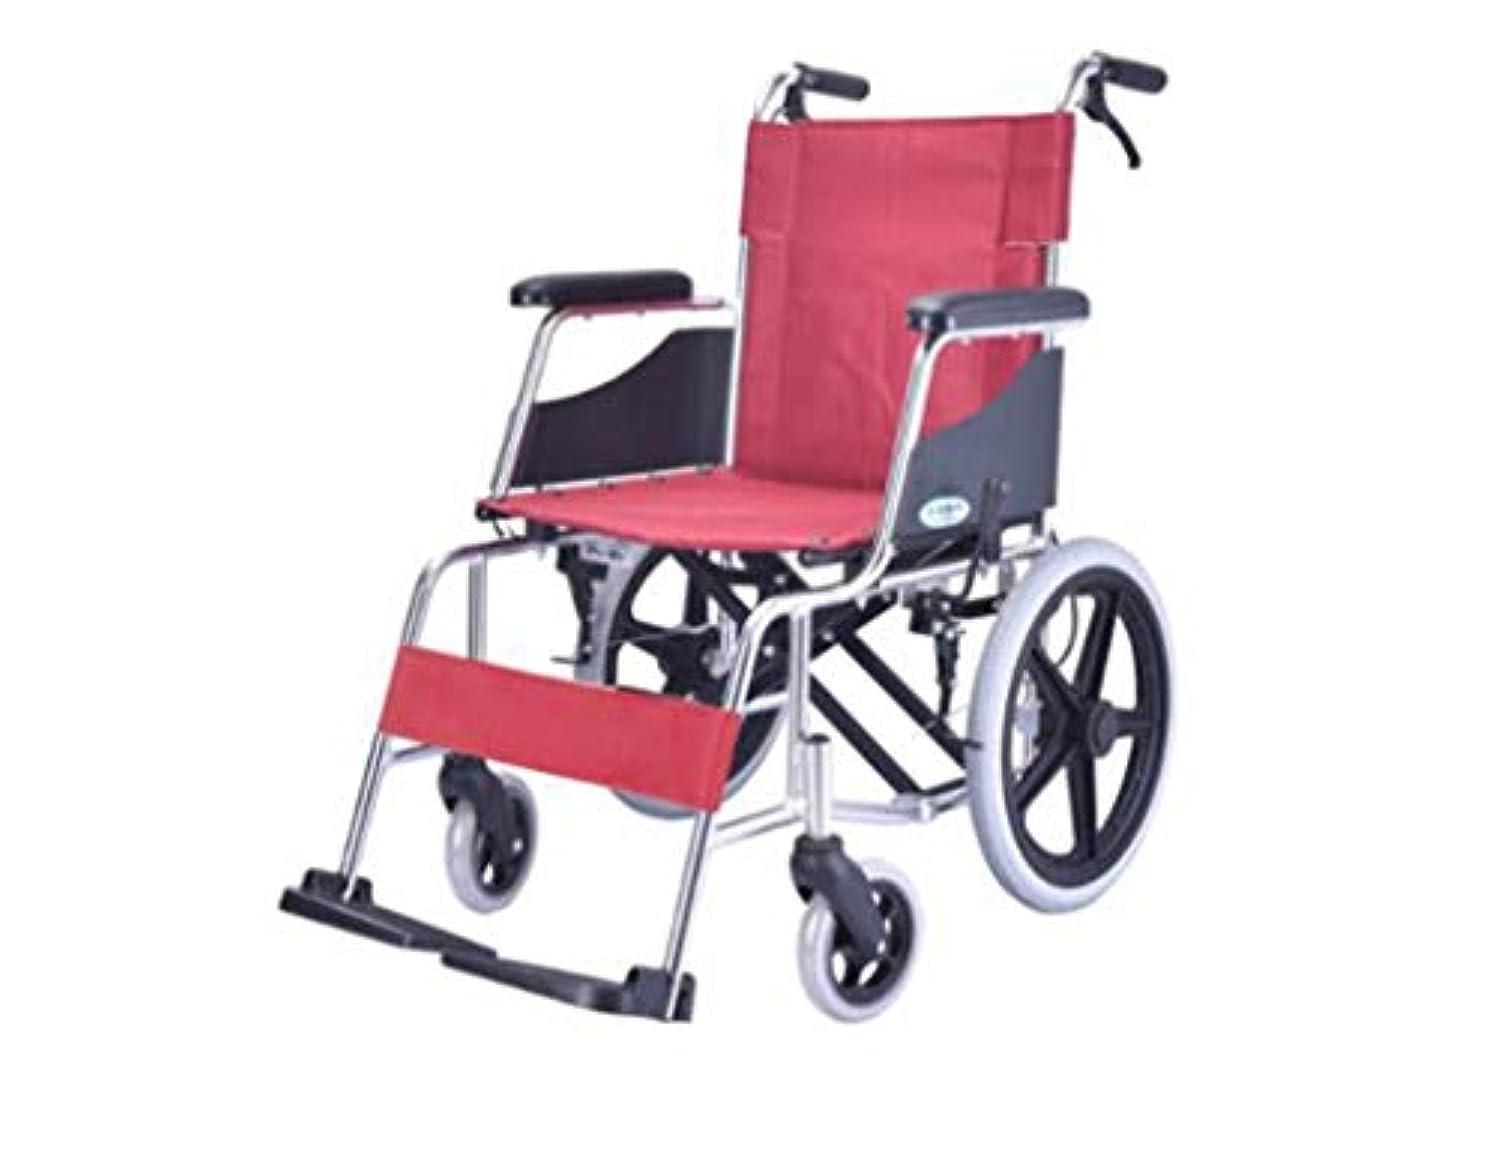 添加更新する敬礼車椅子折りたたみ式、高齢者用車椅子用手動航空チタン合金、背もたれ収納バッグのデザイン、200 kgのベアリング